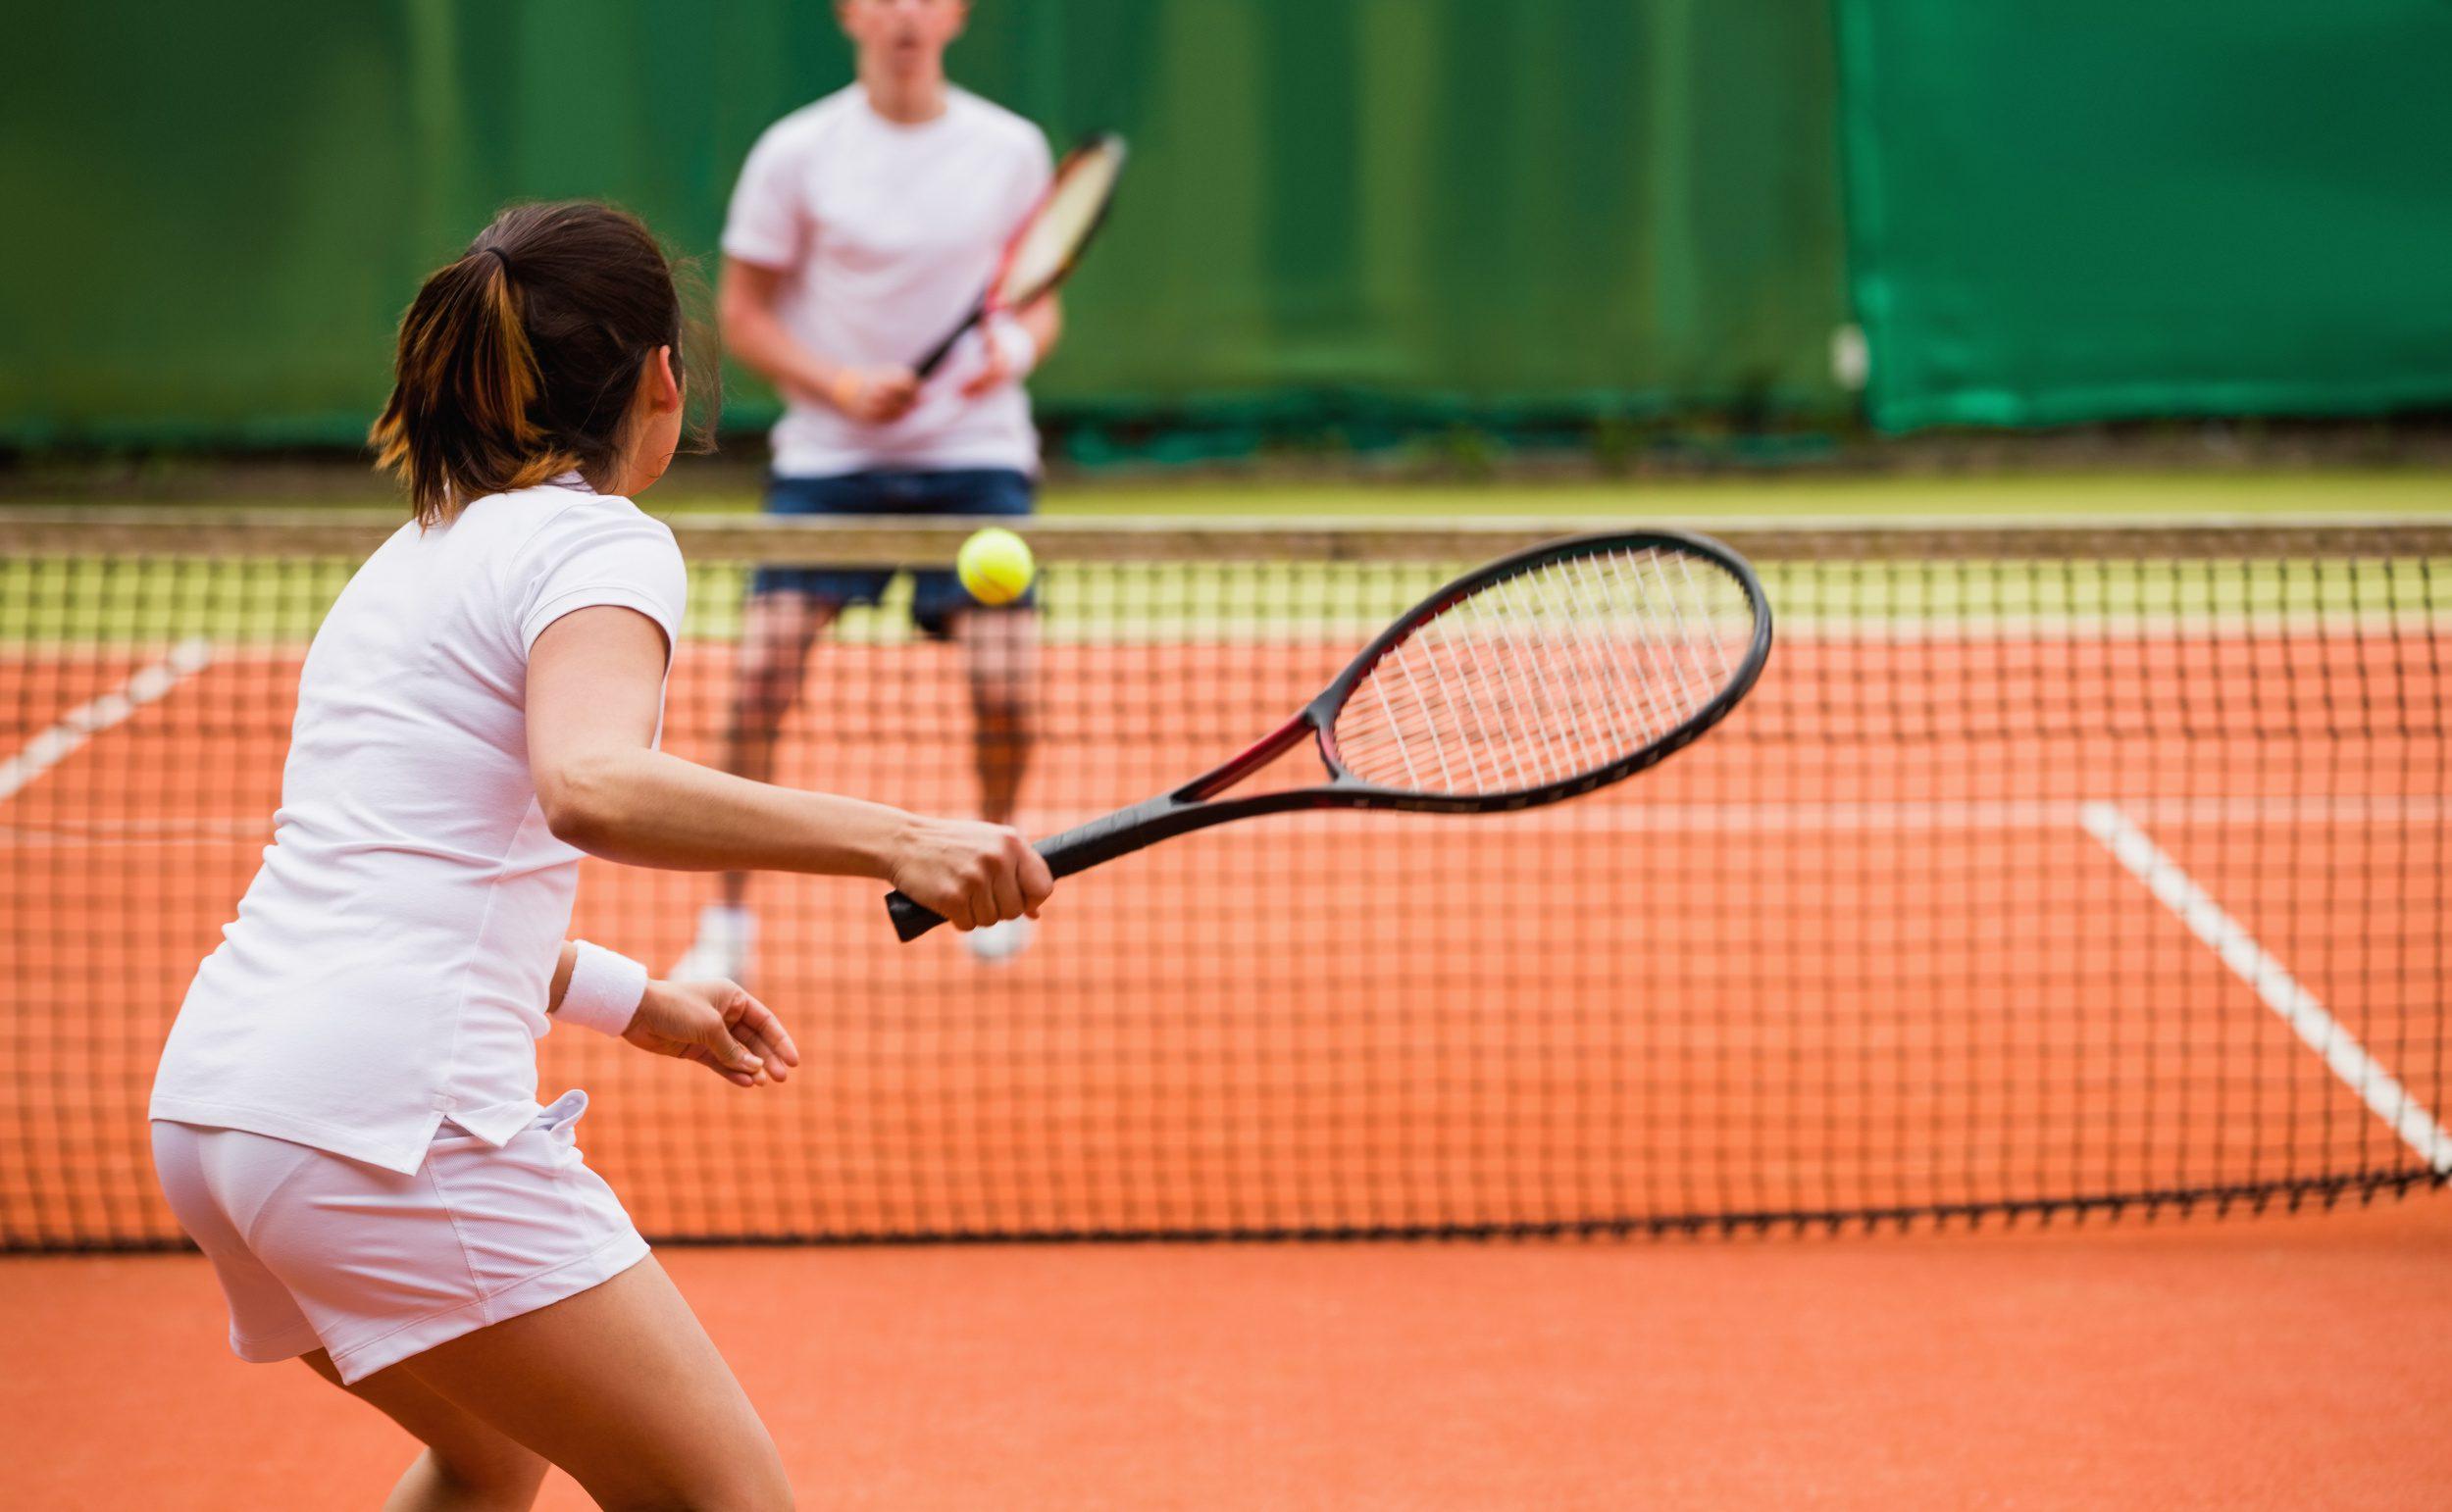 Kết quả hình ảnh cho tennis